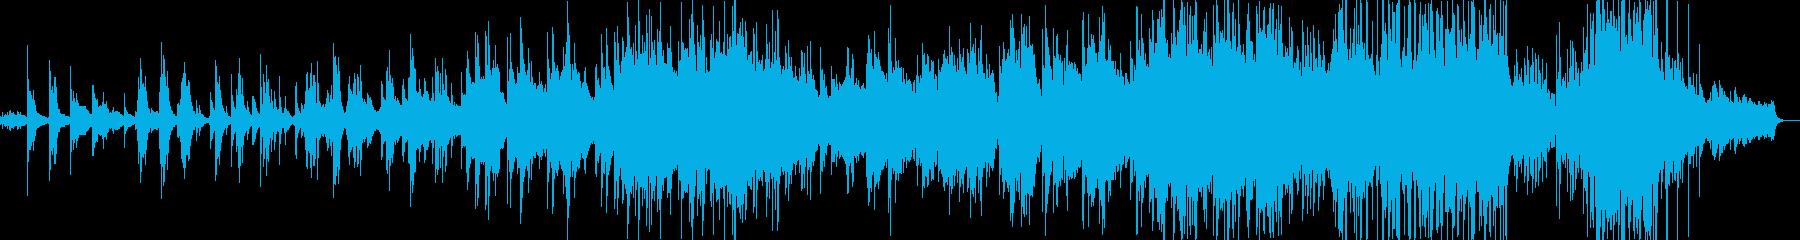 物悲しい雰囲気のバラード5の再生済みの波形